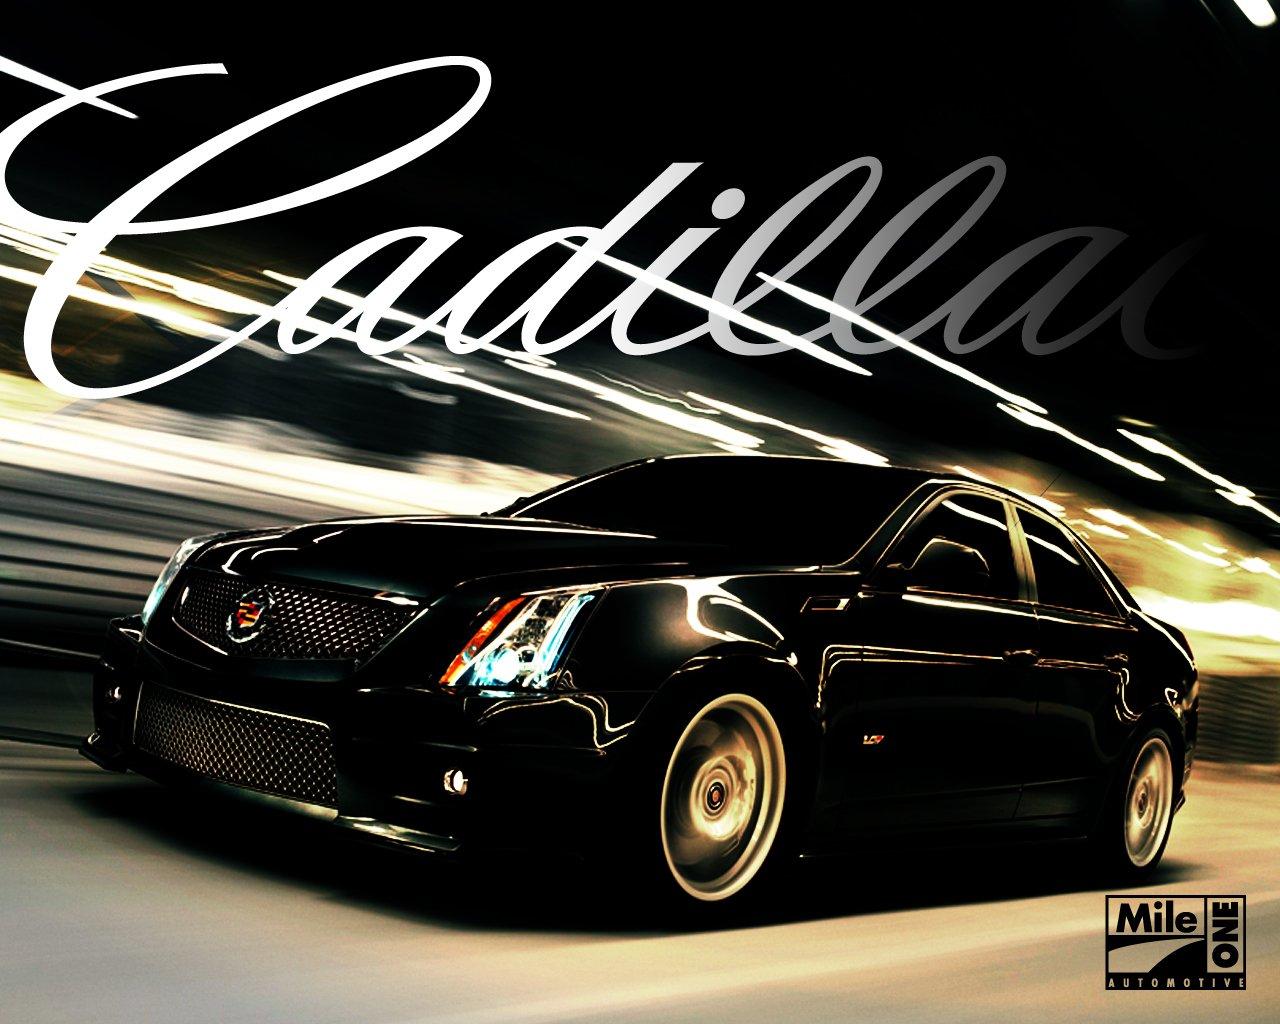 Cadillac Wallpaper for iPhone - WallpaperSafari